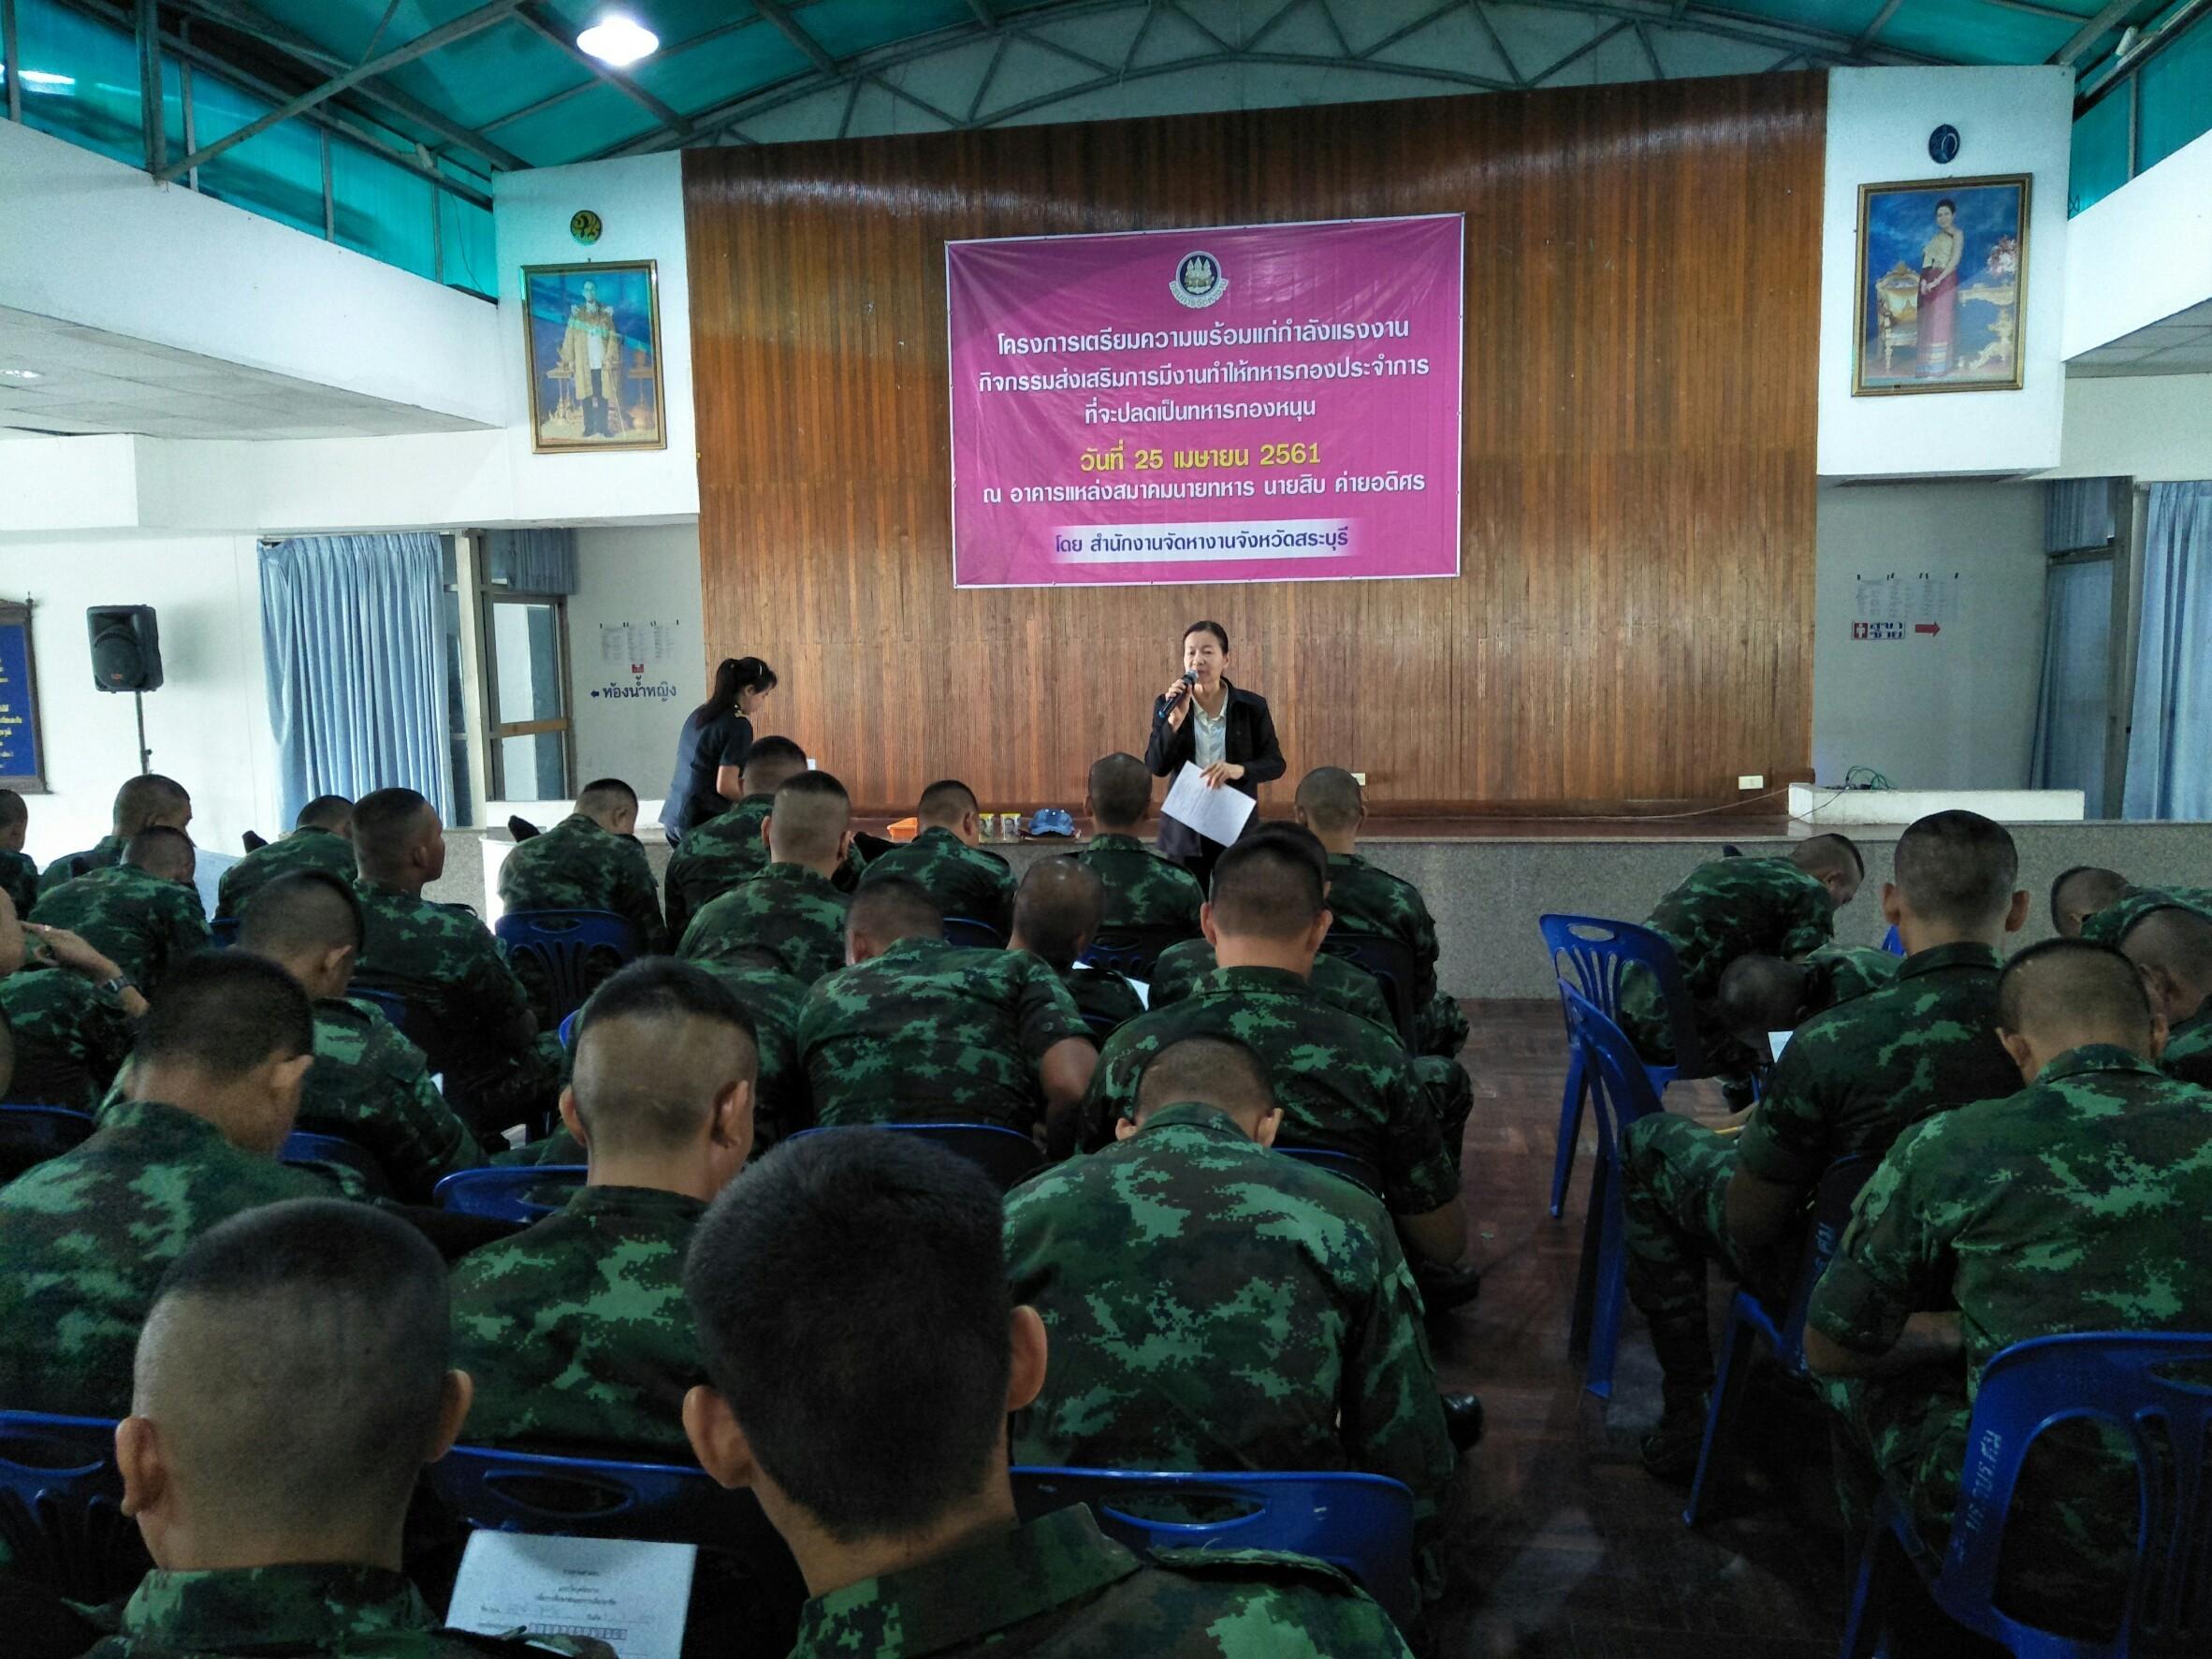 กิจกรรมส่งเสริมการมีงานทำให้ทหารกองประจำการที่จะปลดเป็นทหารกองหนุน